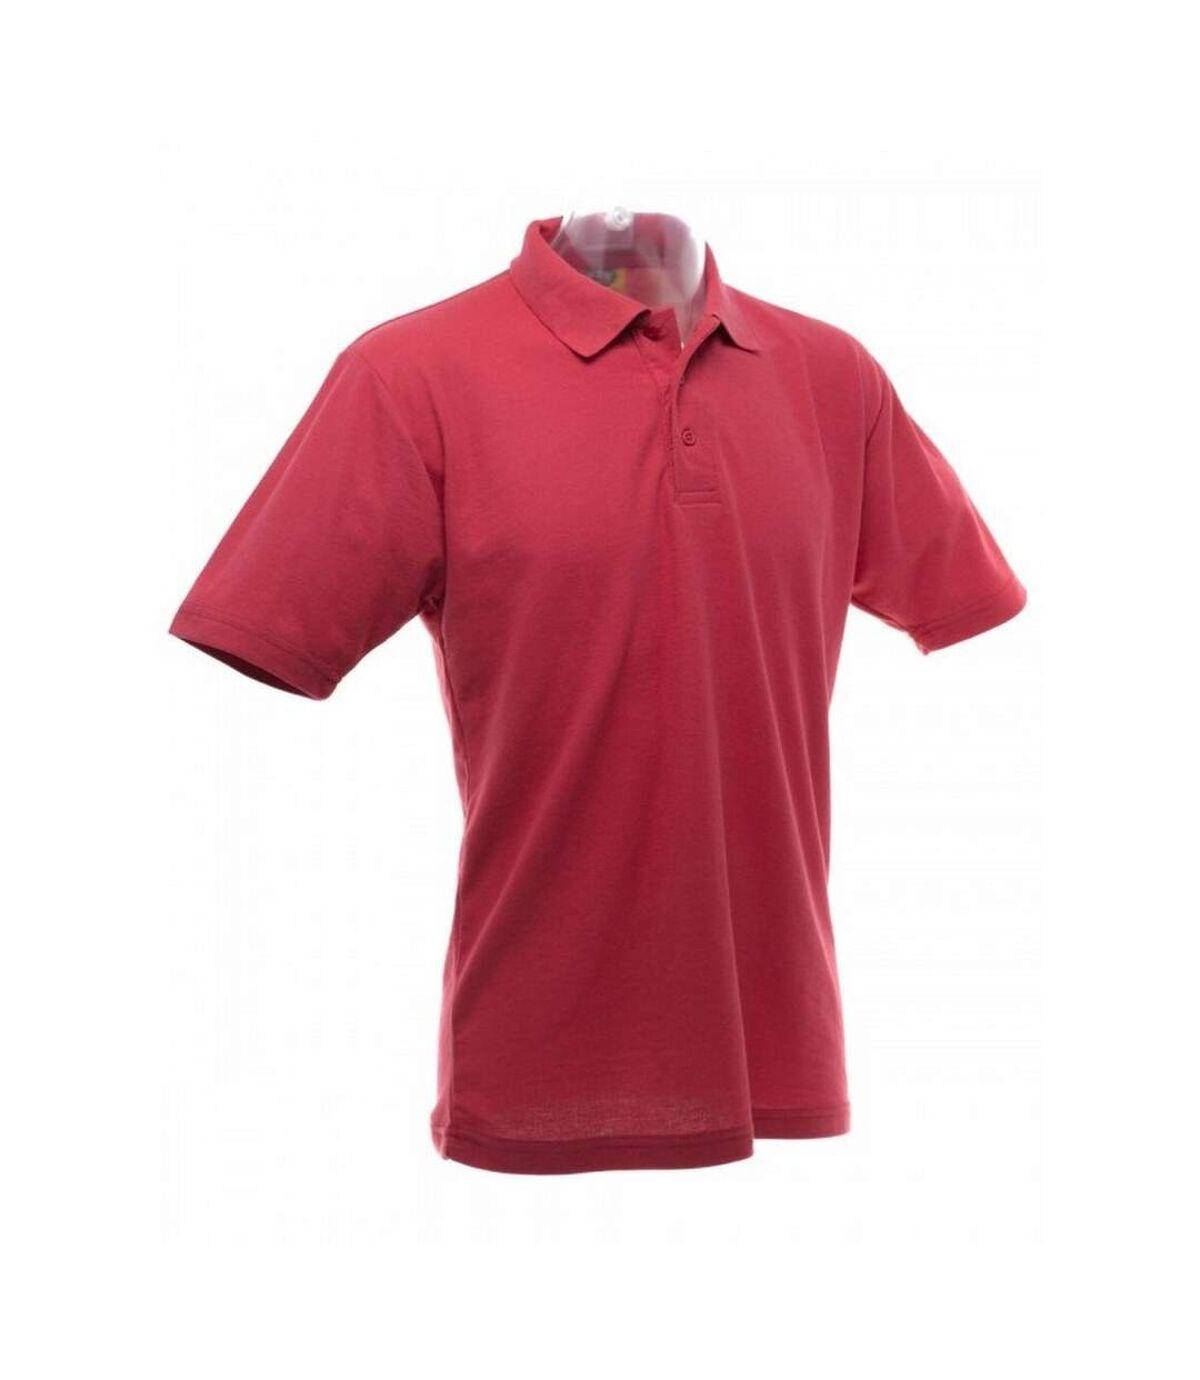 UCC 50/50 Mens Plain Piqué Short Sleeve Polo Shirt (Red) - UTBC1194